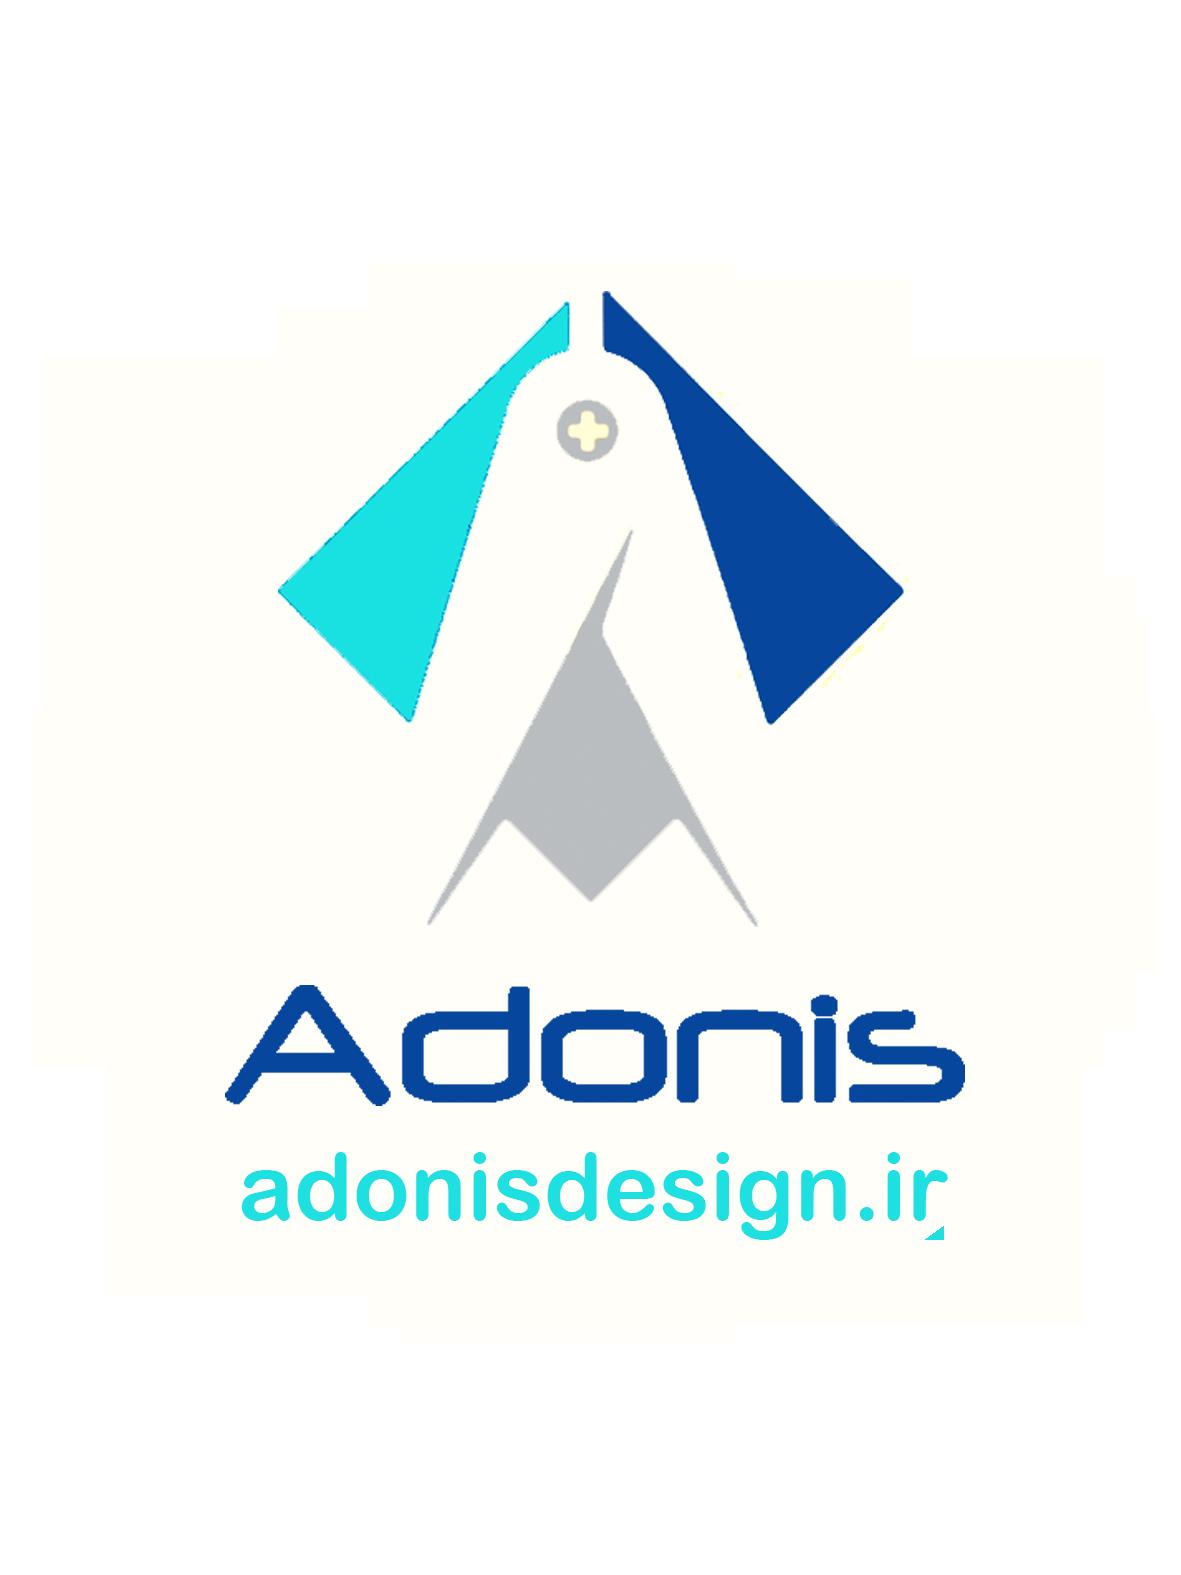 Adonis design